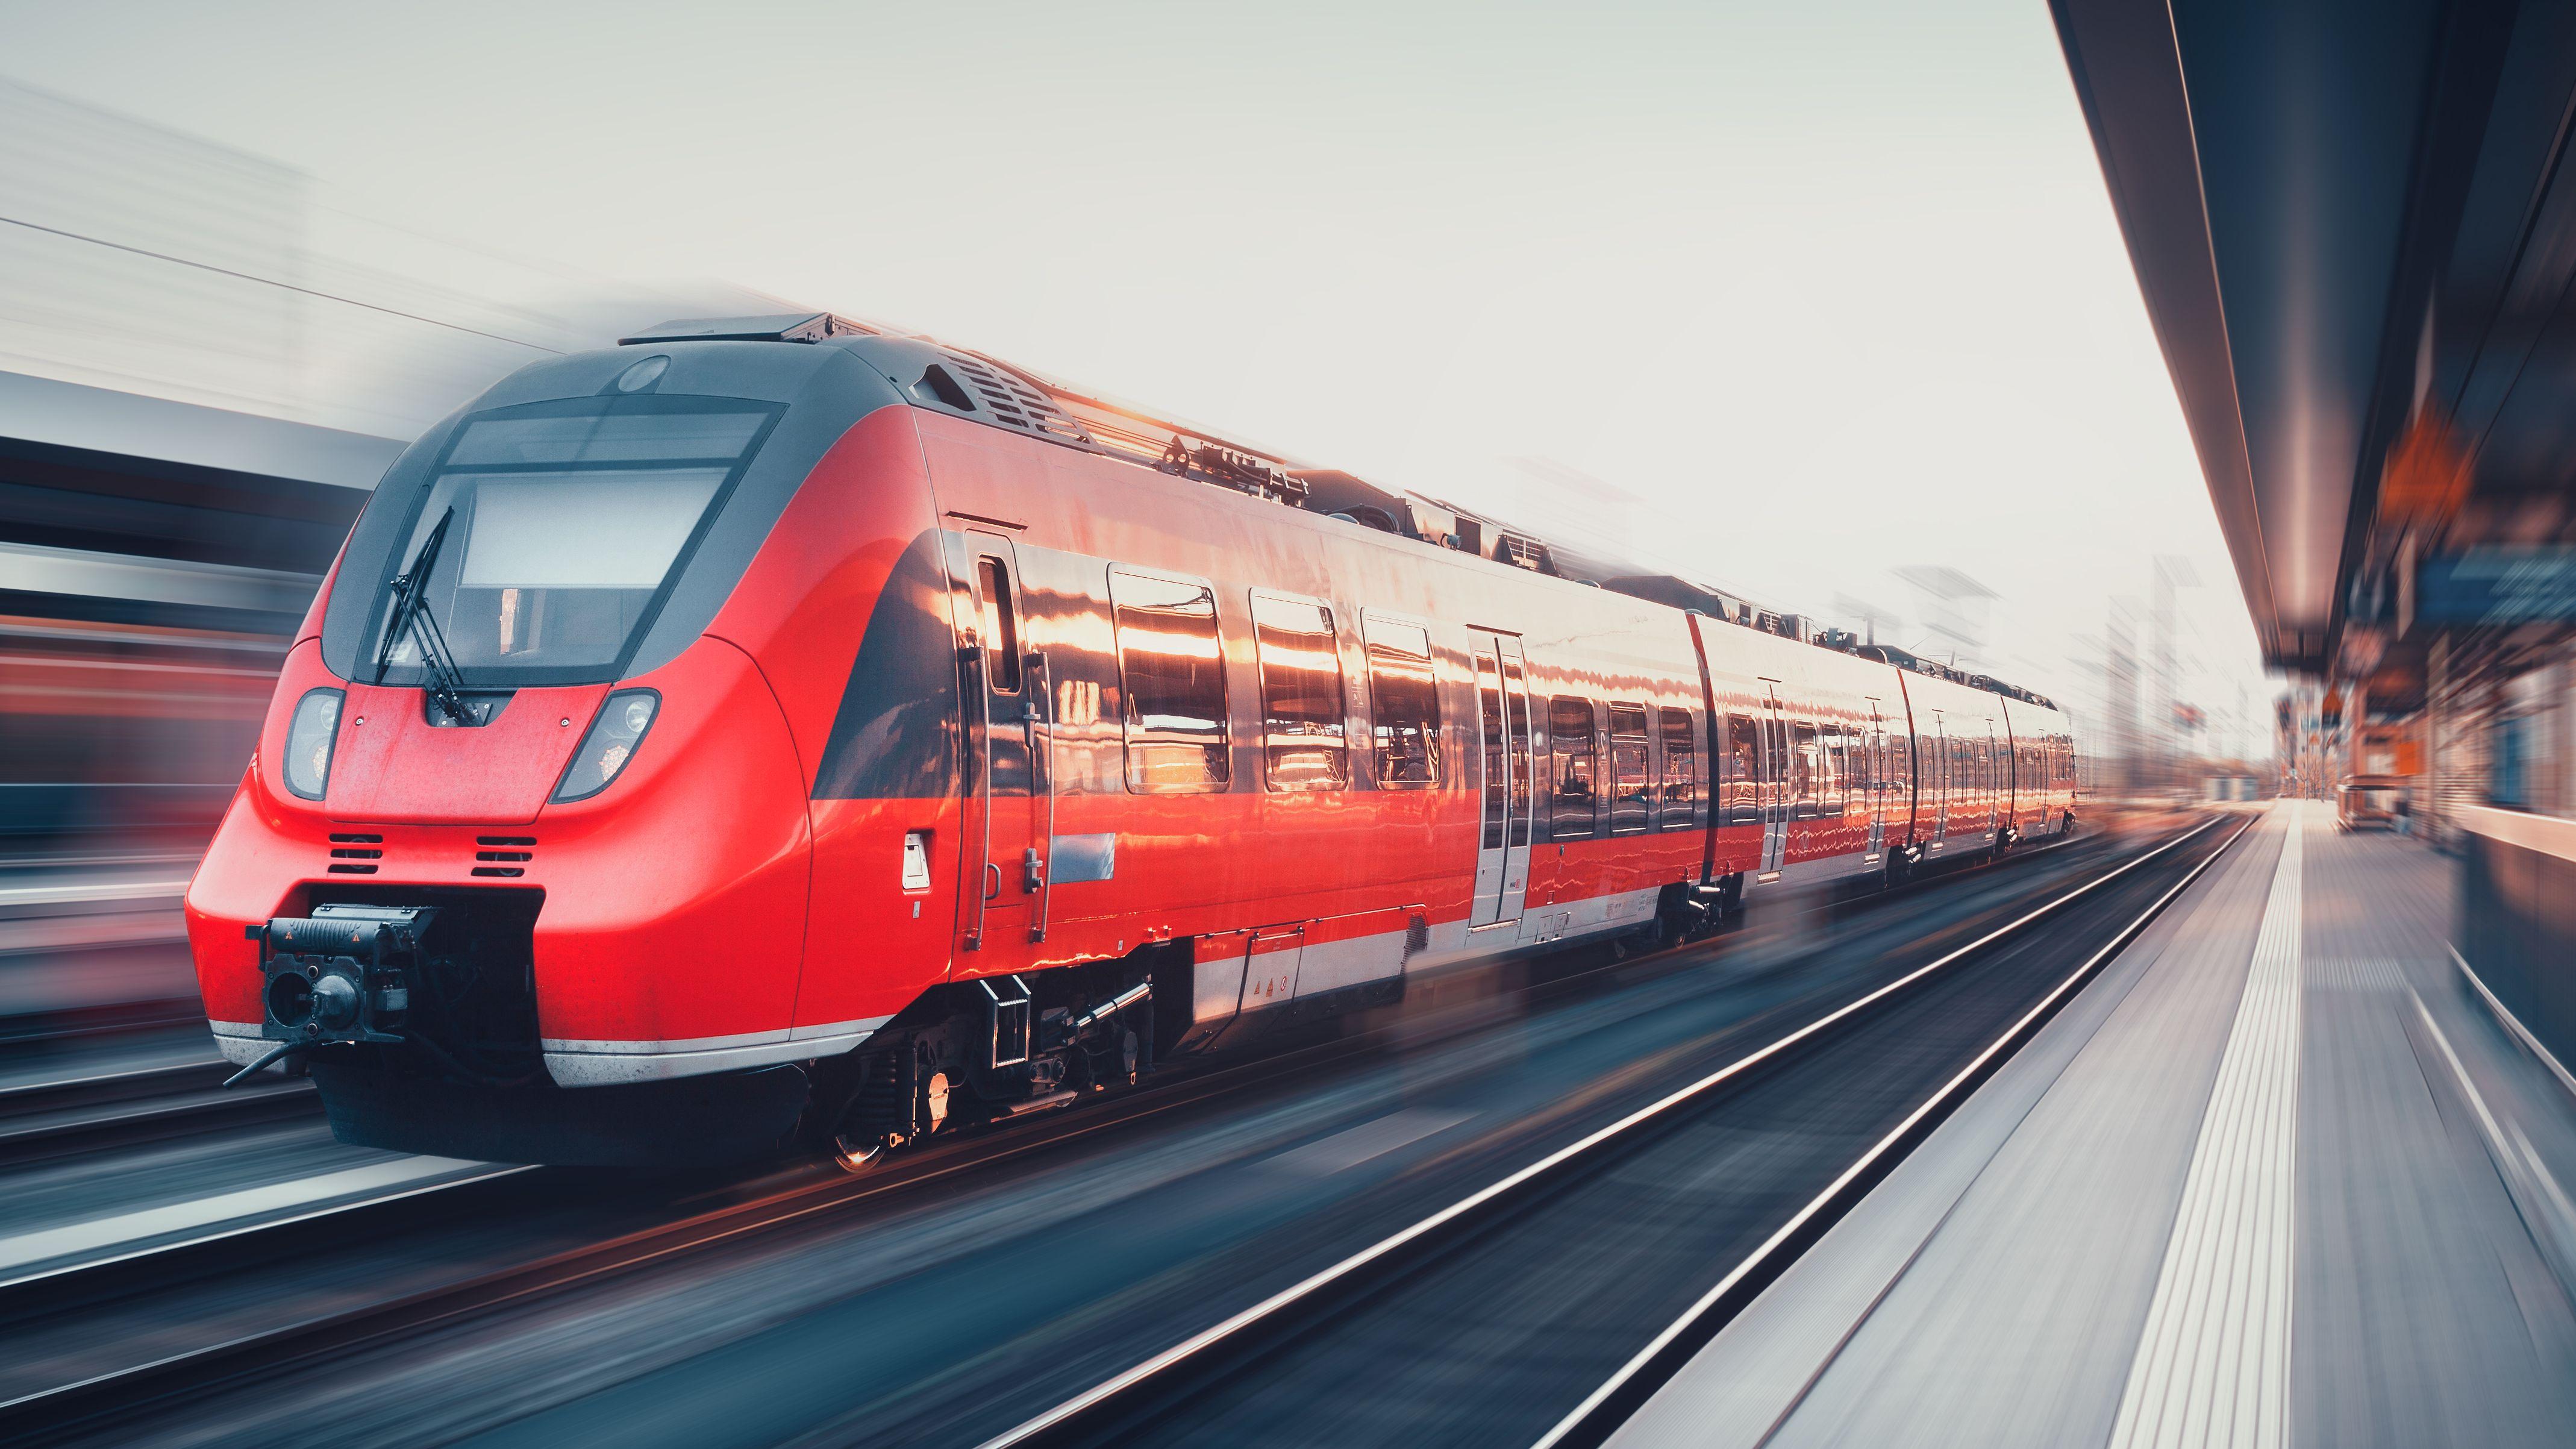 Ein Zug bei der Fahrt durch einen Bahnhof